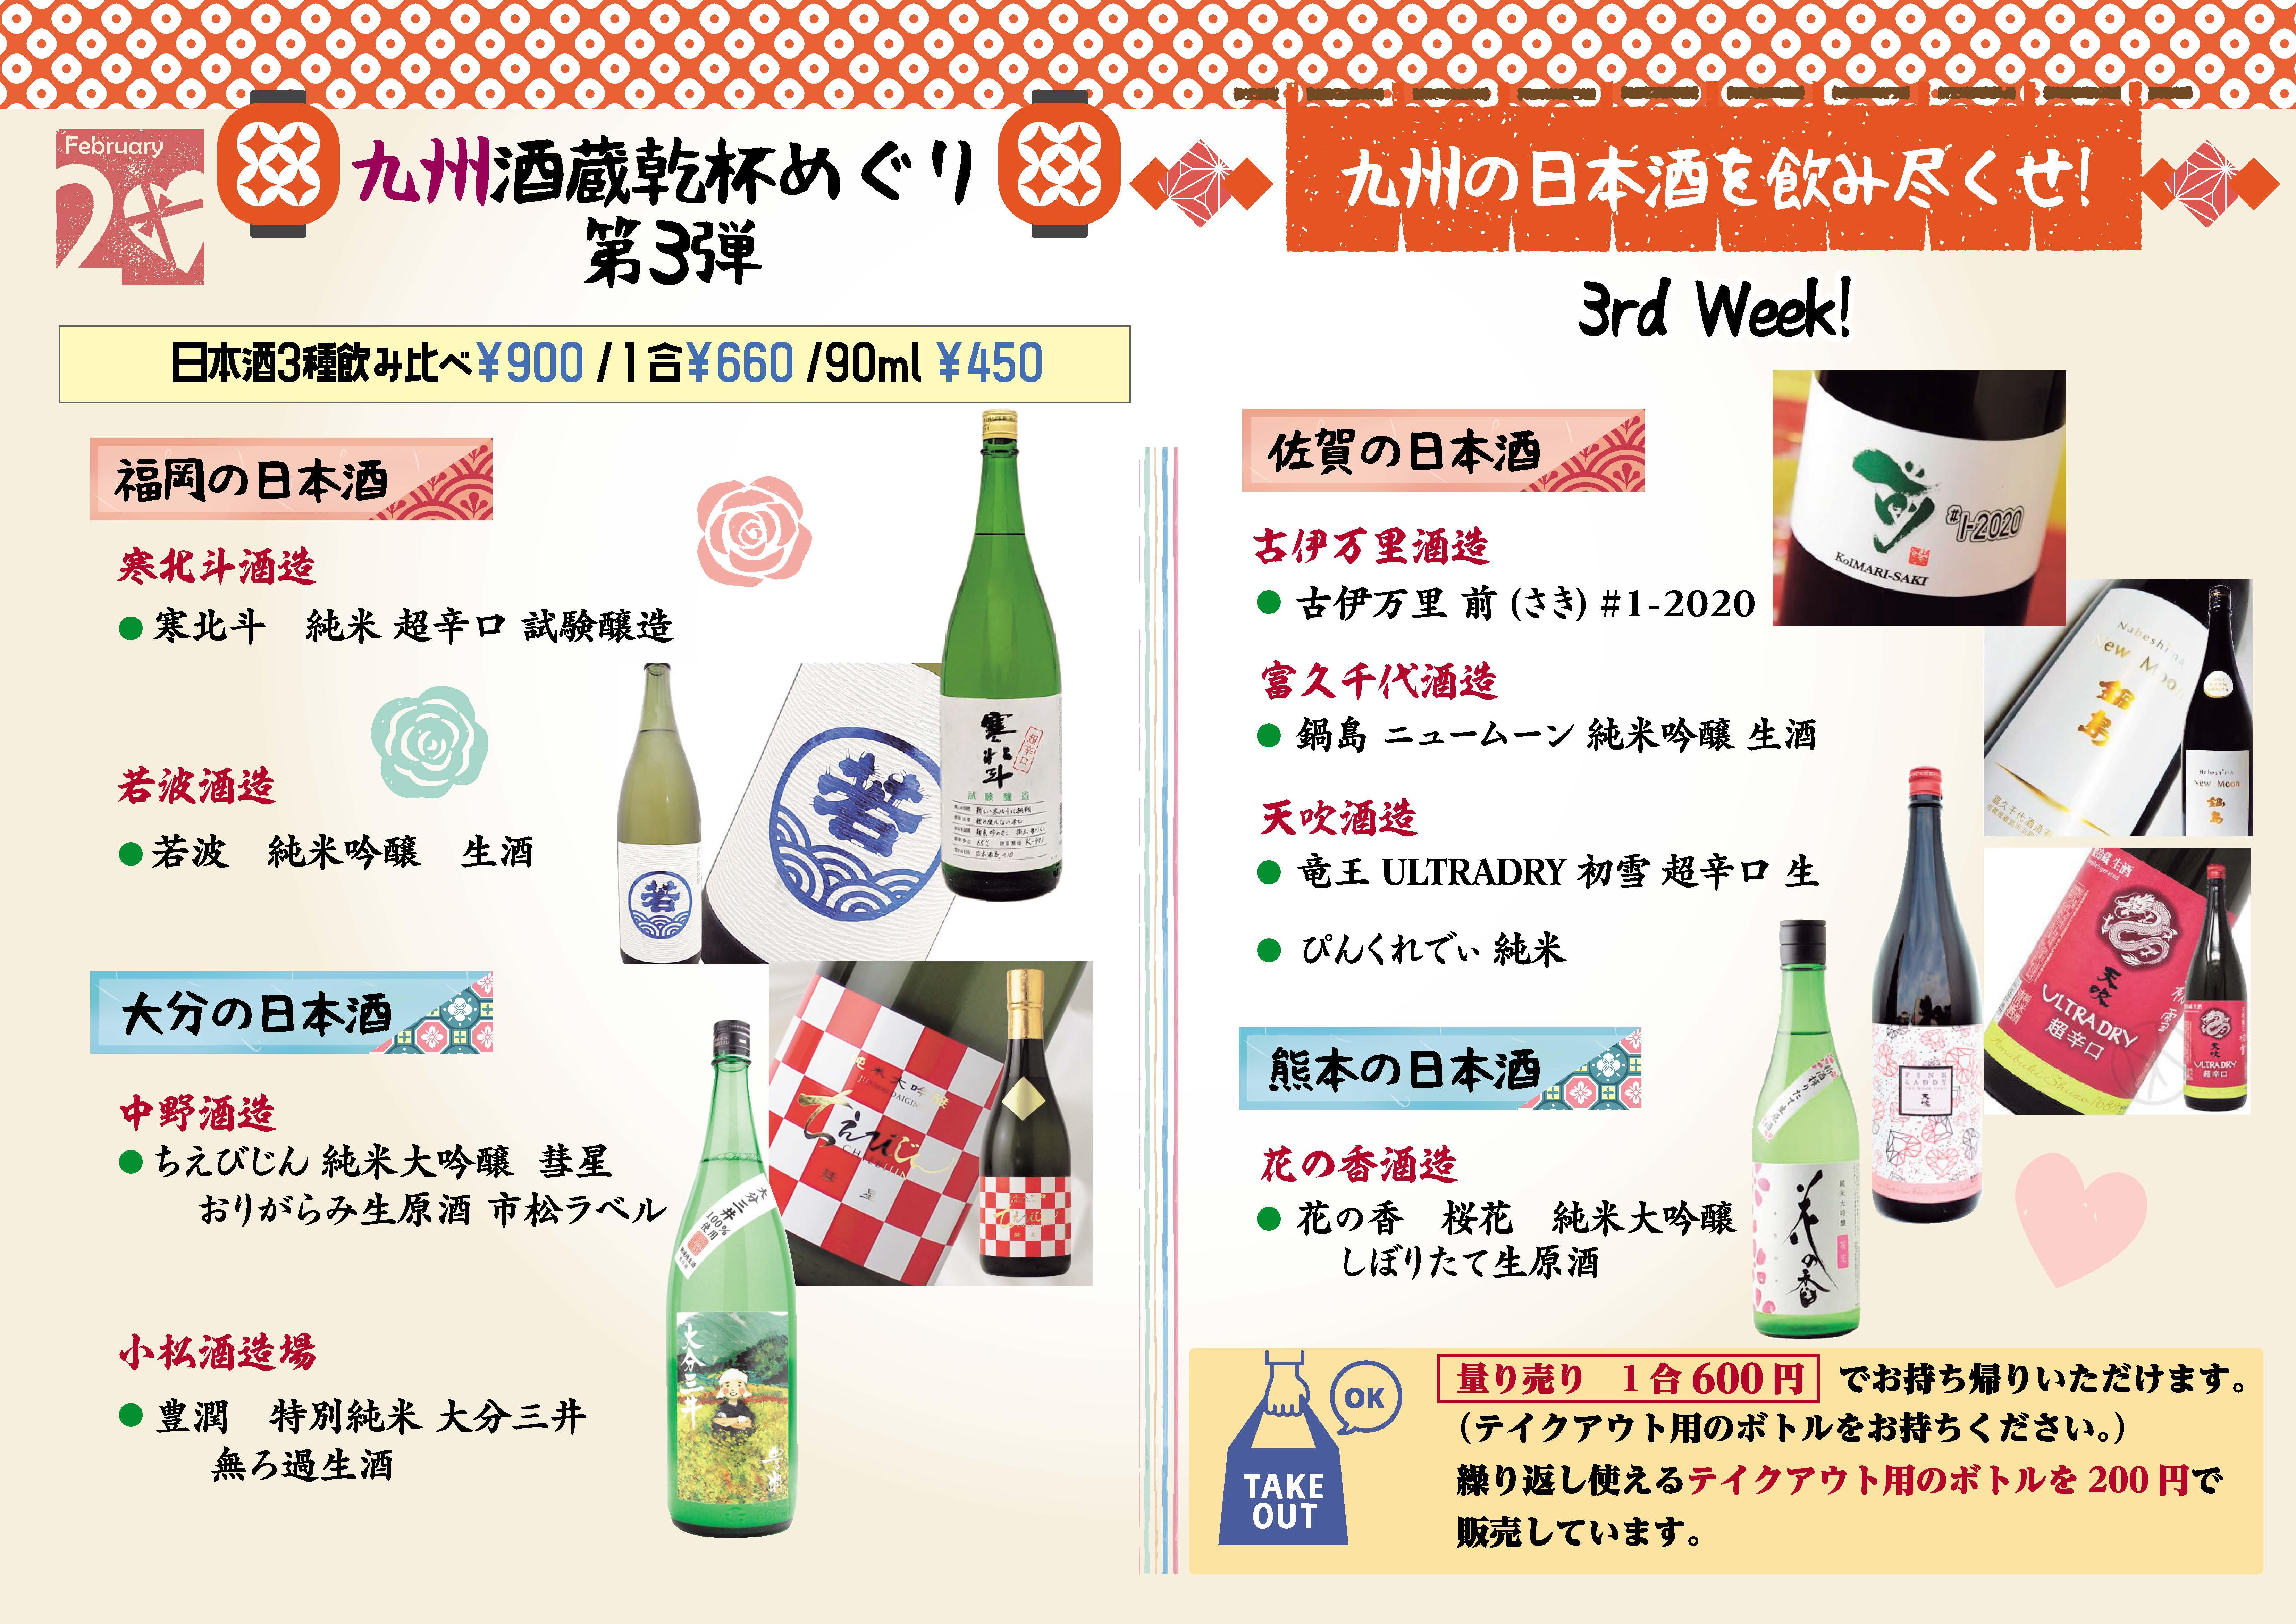 記事 【乾杯めぐり:2月19日~】九州酒蔵乾杯めぐり 第3弾!のアイキャッチ画像